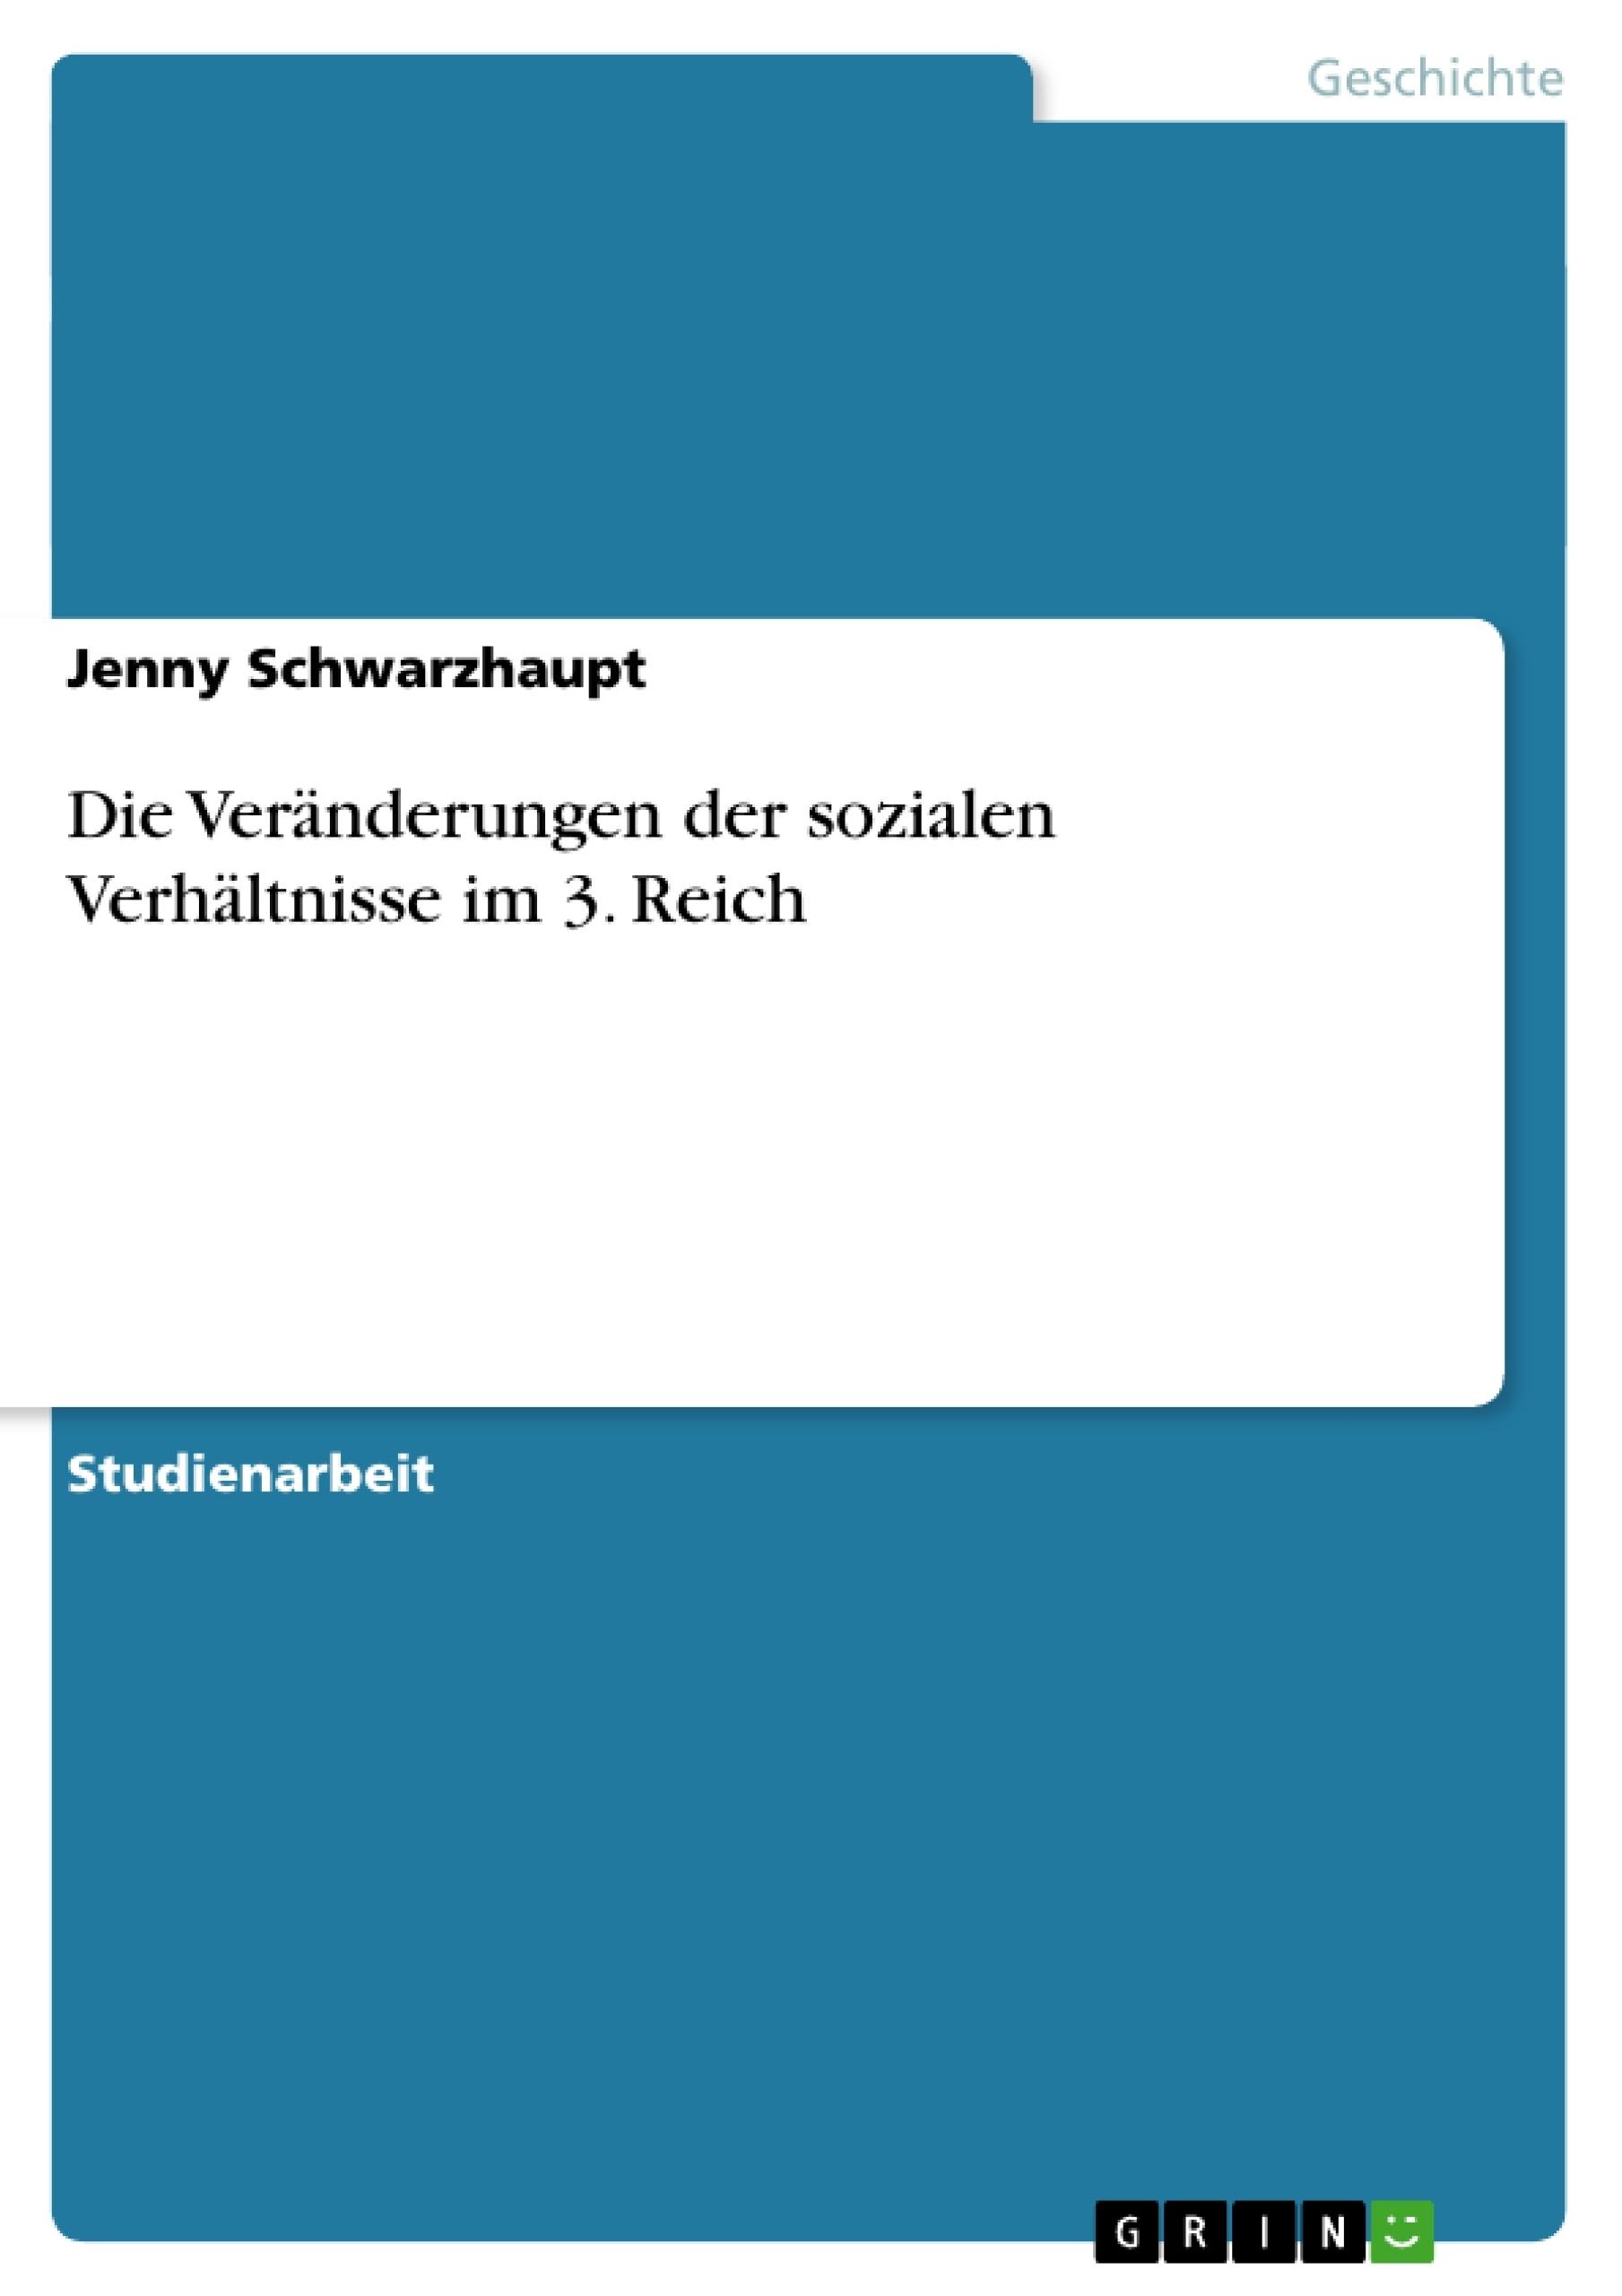 Titel: Die Veränderungen der sozialen Verhältnisse im 3. Reich